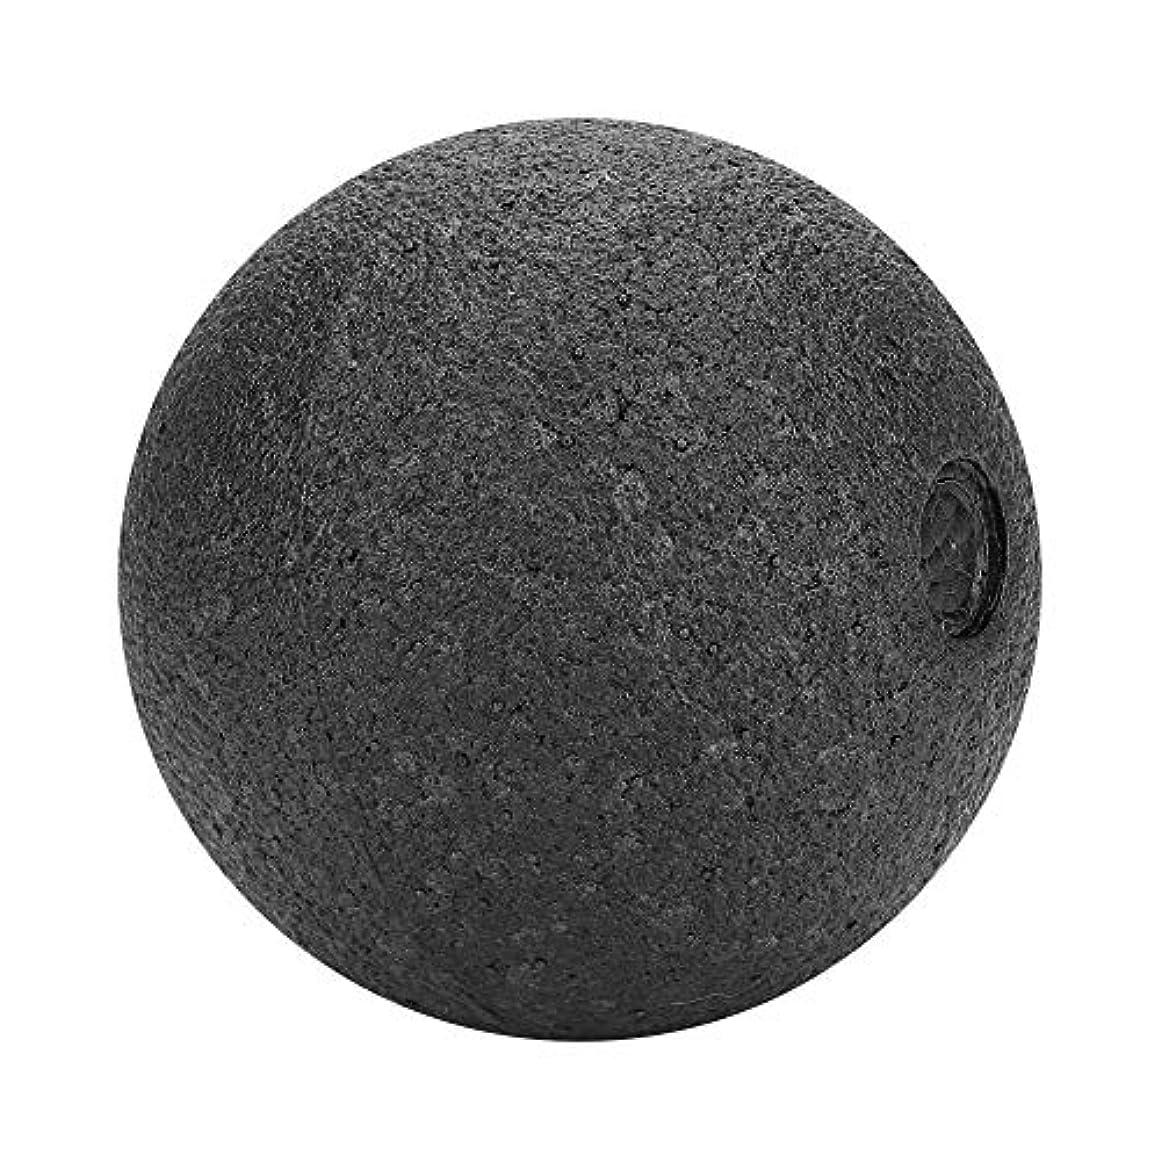 製作端個人マッサージボール ストレッチボール トリガーポイント マッサージボール 指圧ボールマッスルマッサージボール、首 腰 背中 肩こり 足裏 ツボ押しグッズ 疲労回復 むくみ解消